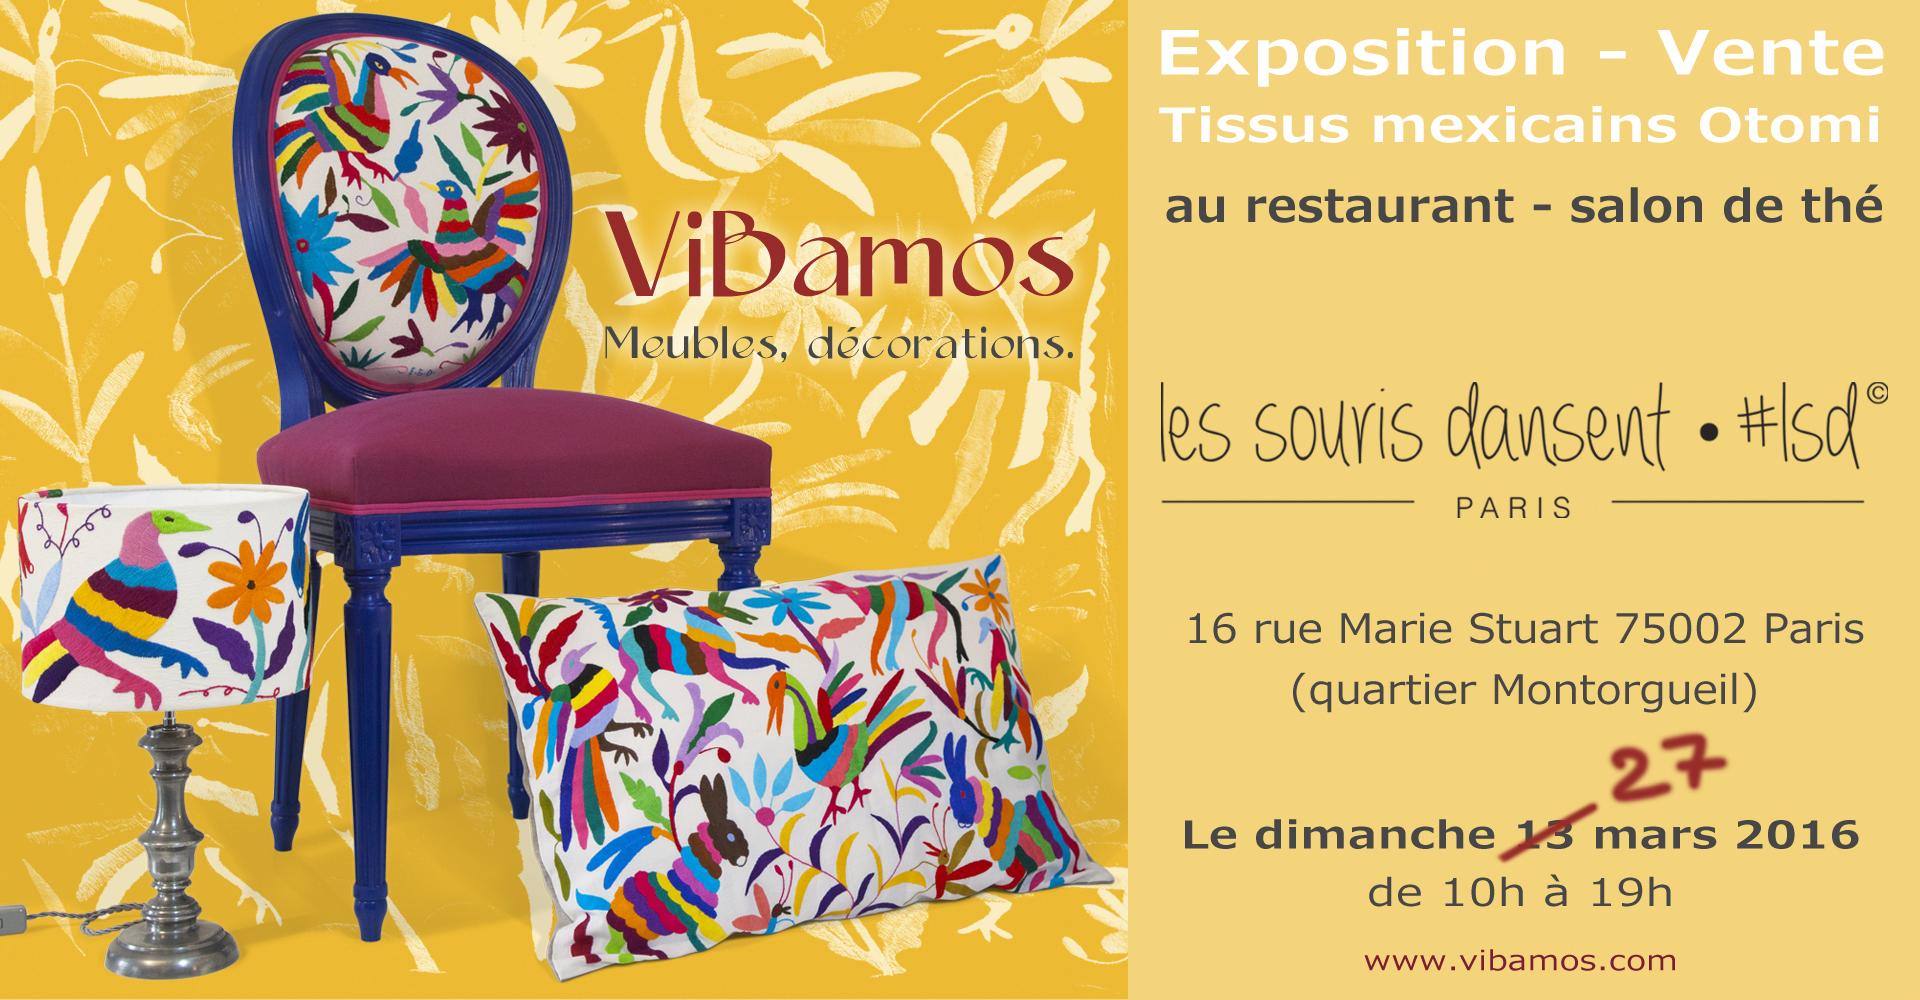 ViBamos Les Souris Dansent exposition